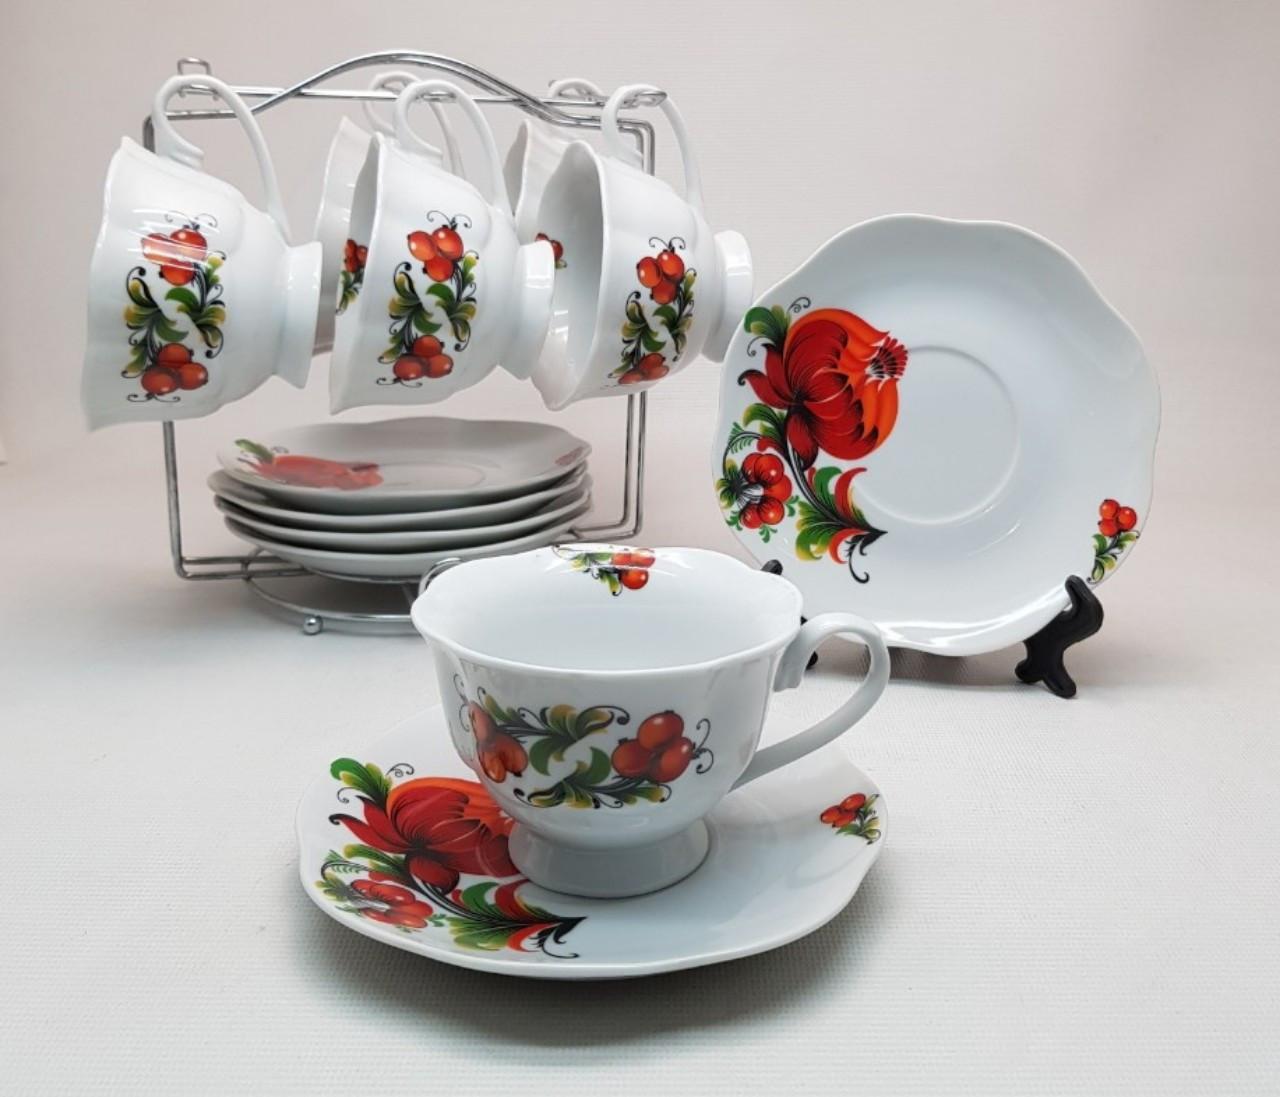 Печать на чашках, печать на кружках, печать на тарелках. изготовление деколи до 14 цветов